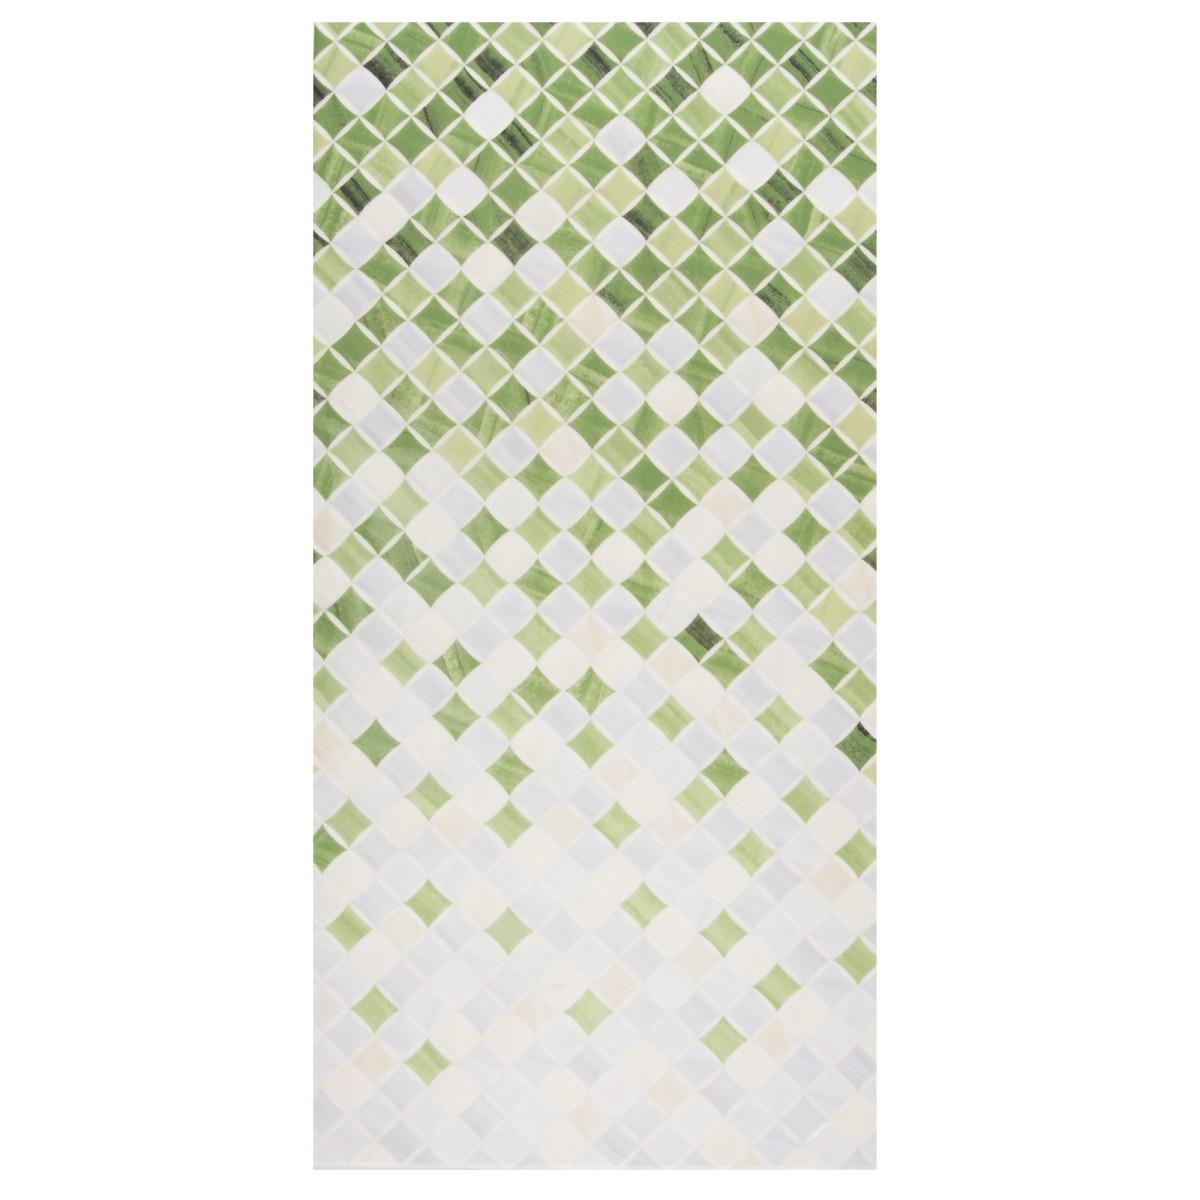 Плитка настенная Симфония 25x50 см 1.25 м2 цвет светло-зеленый